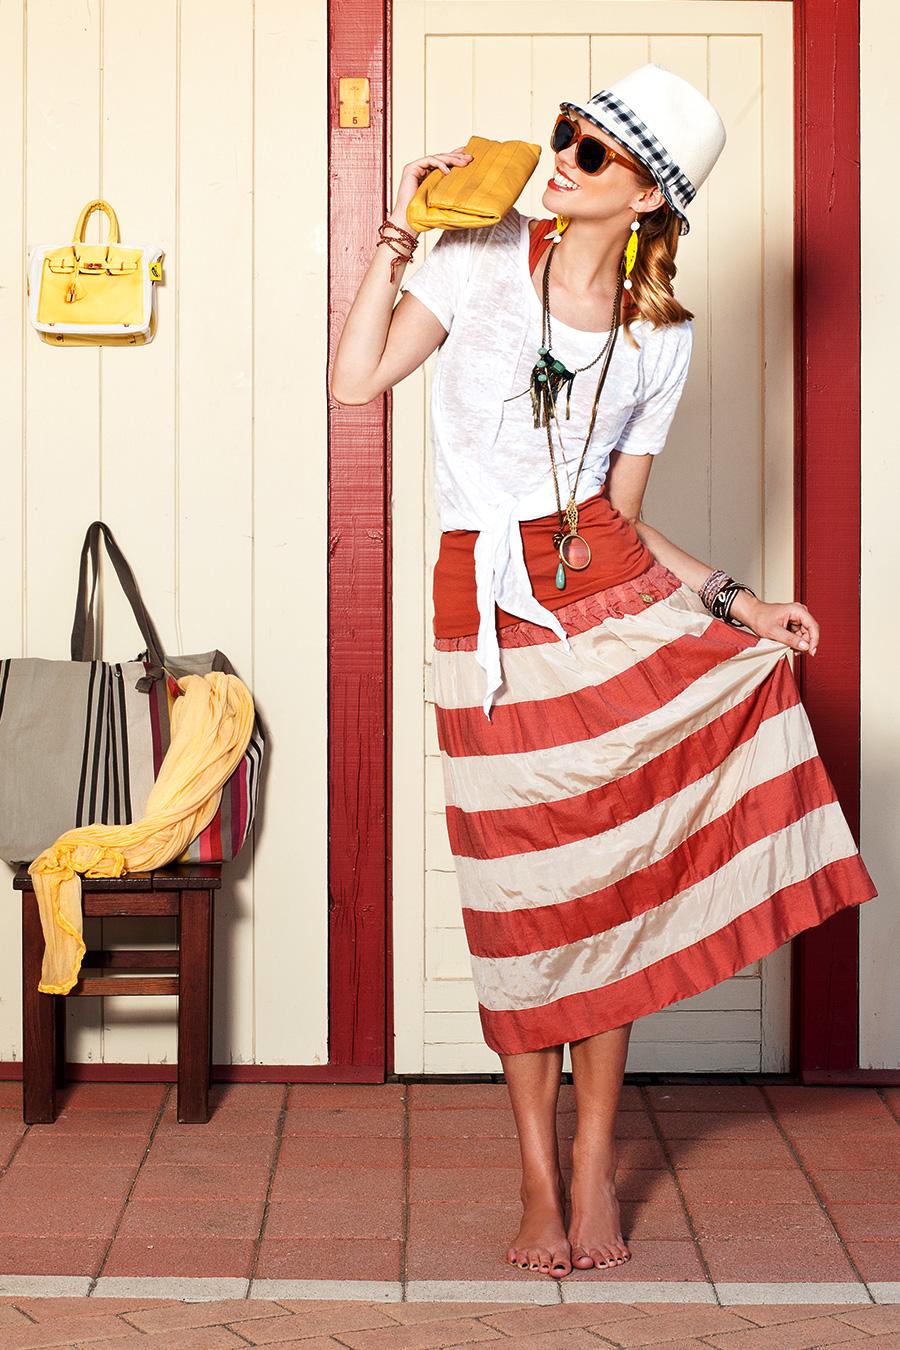 Fashion Editorial - Olga Beach